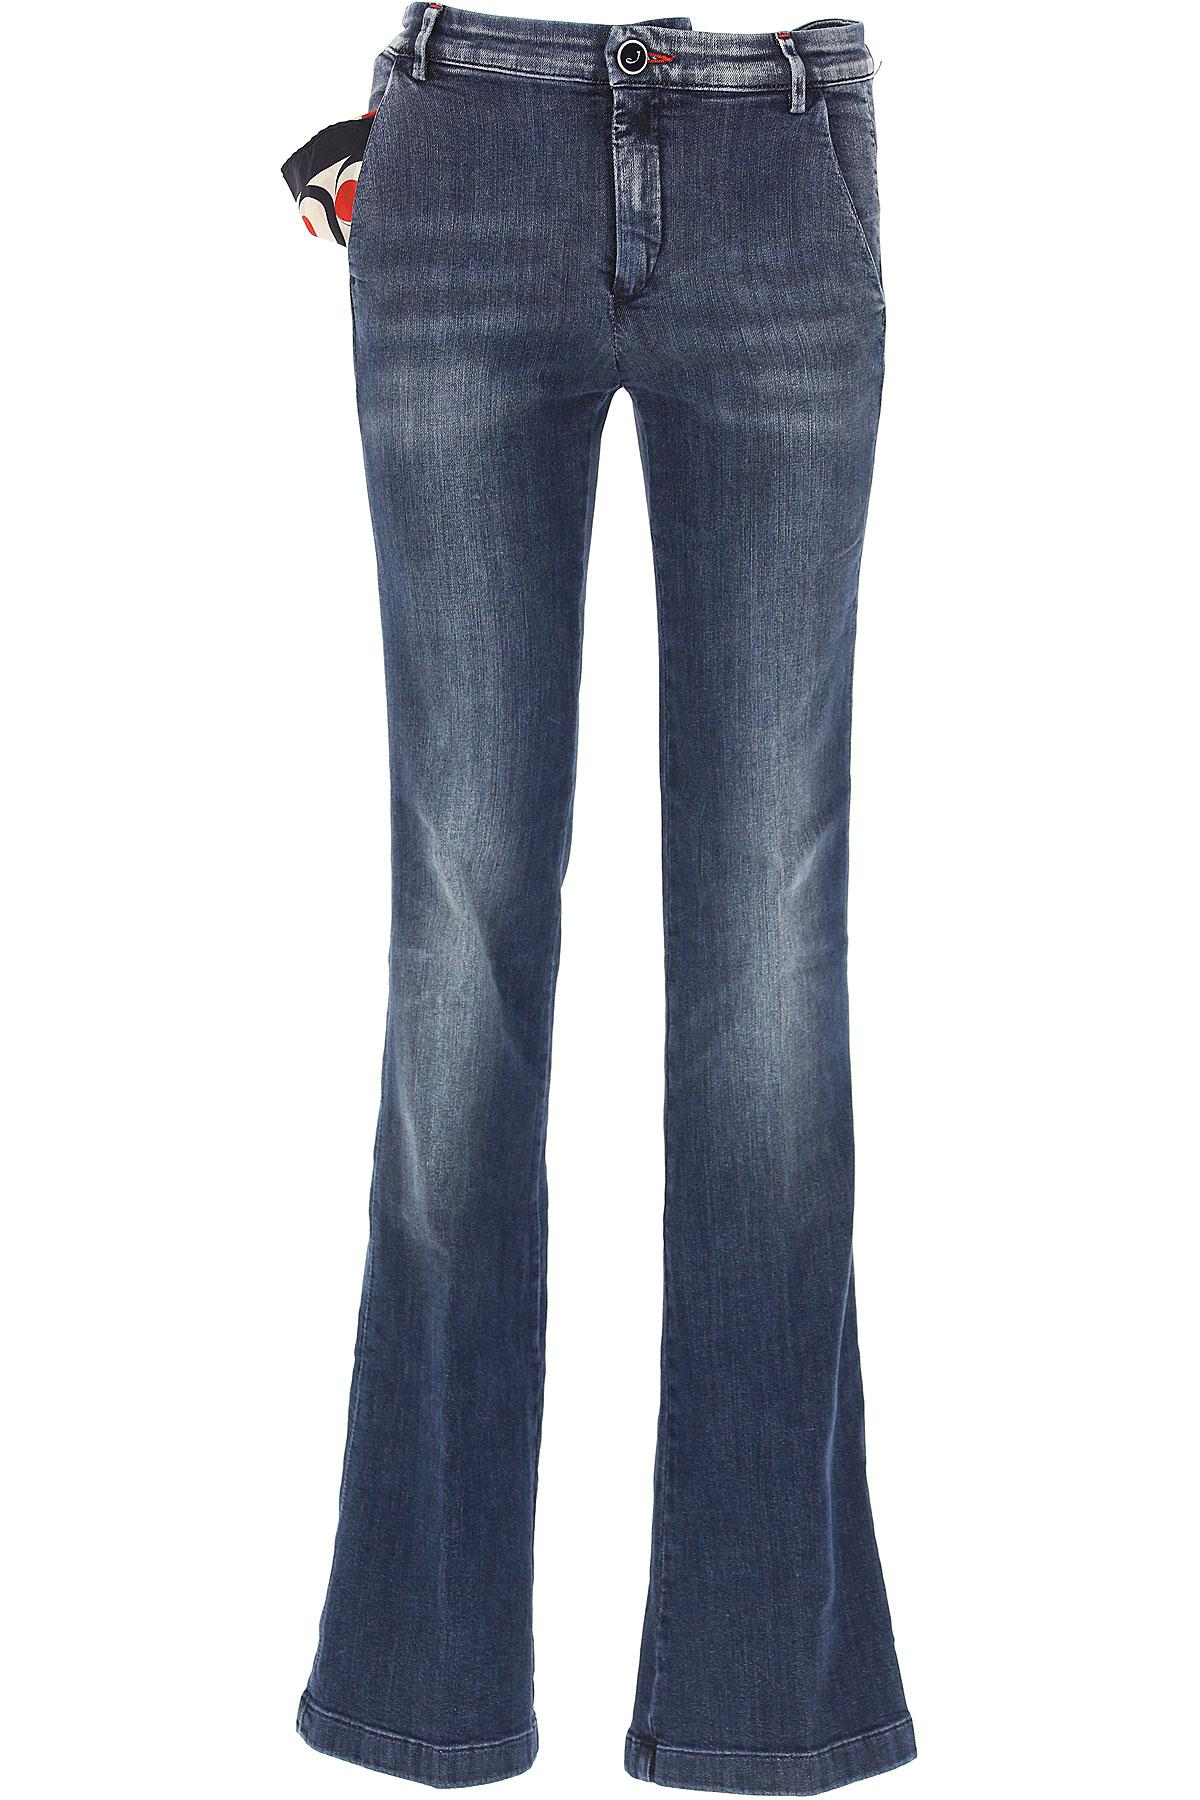 Image of Jacob Cohen Jeans, Blue Denim, Cotton, 2017, 28 29 30 31 32